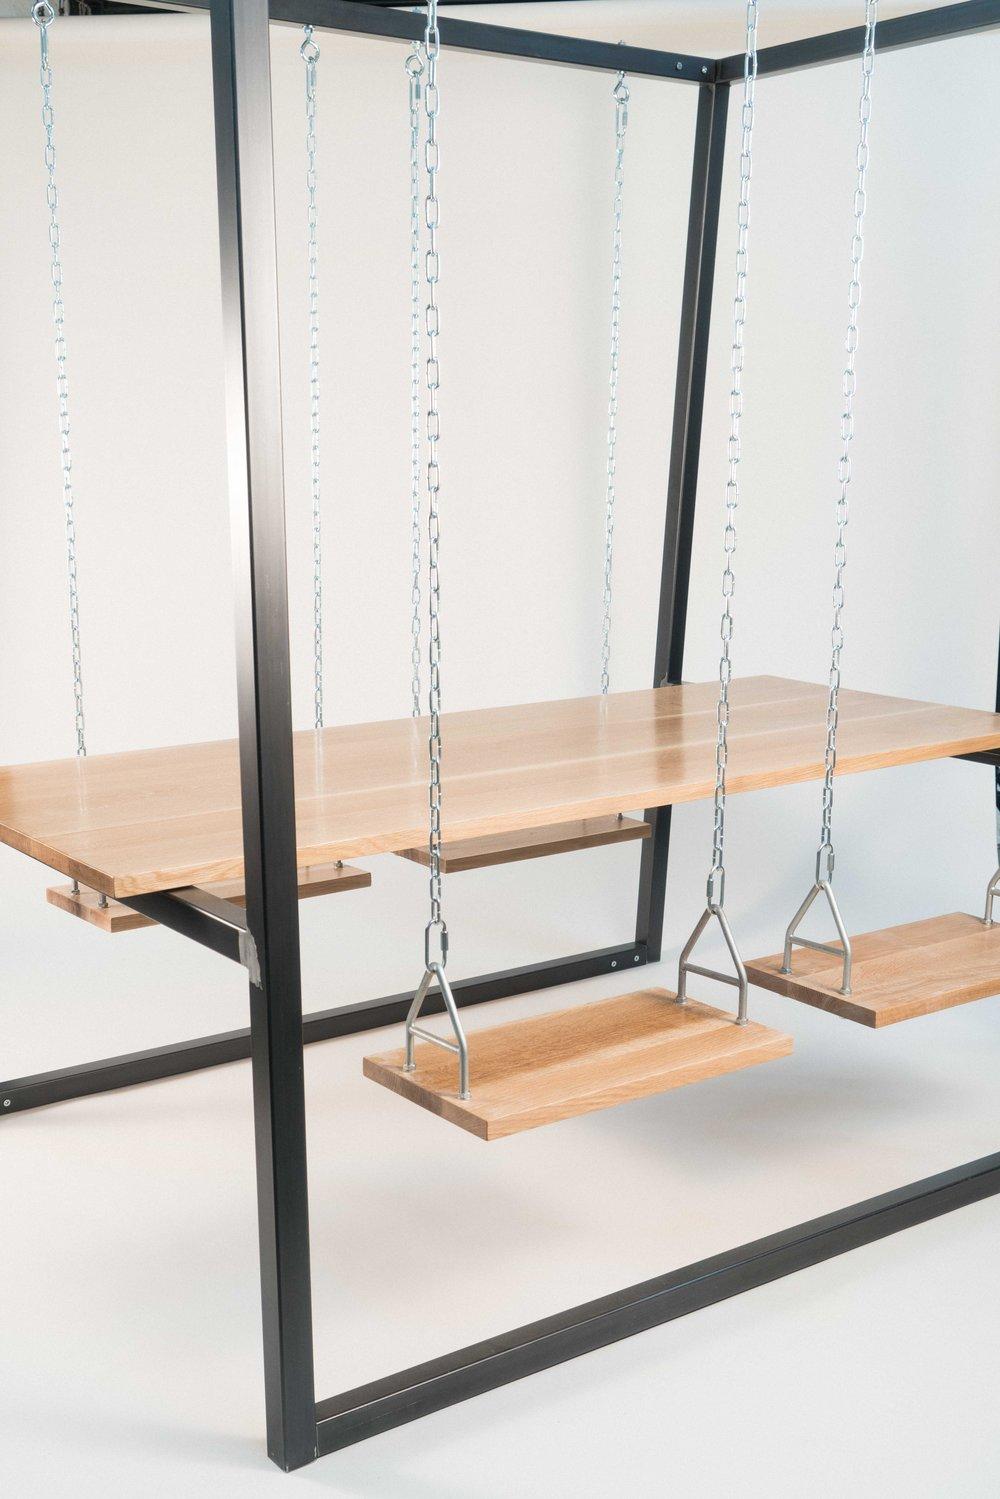 Eleven The Last Workshop Modern Furniture Built By